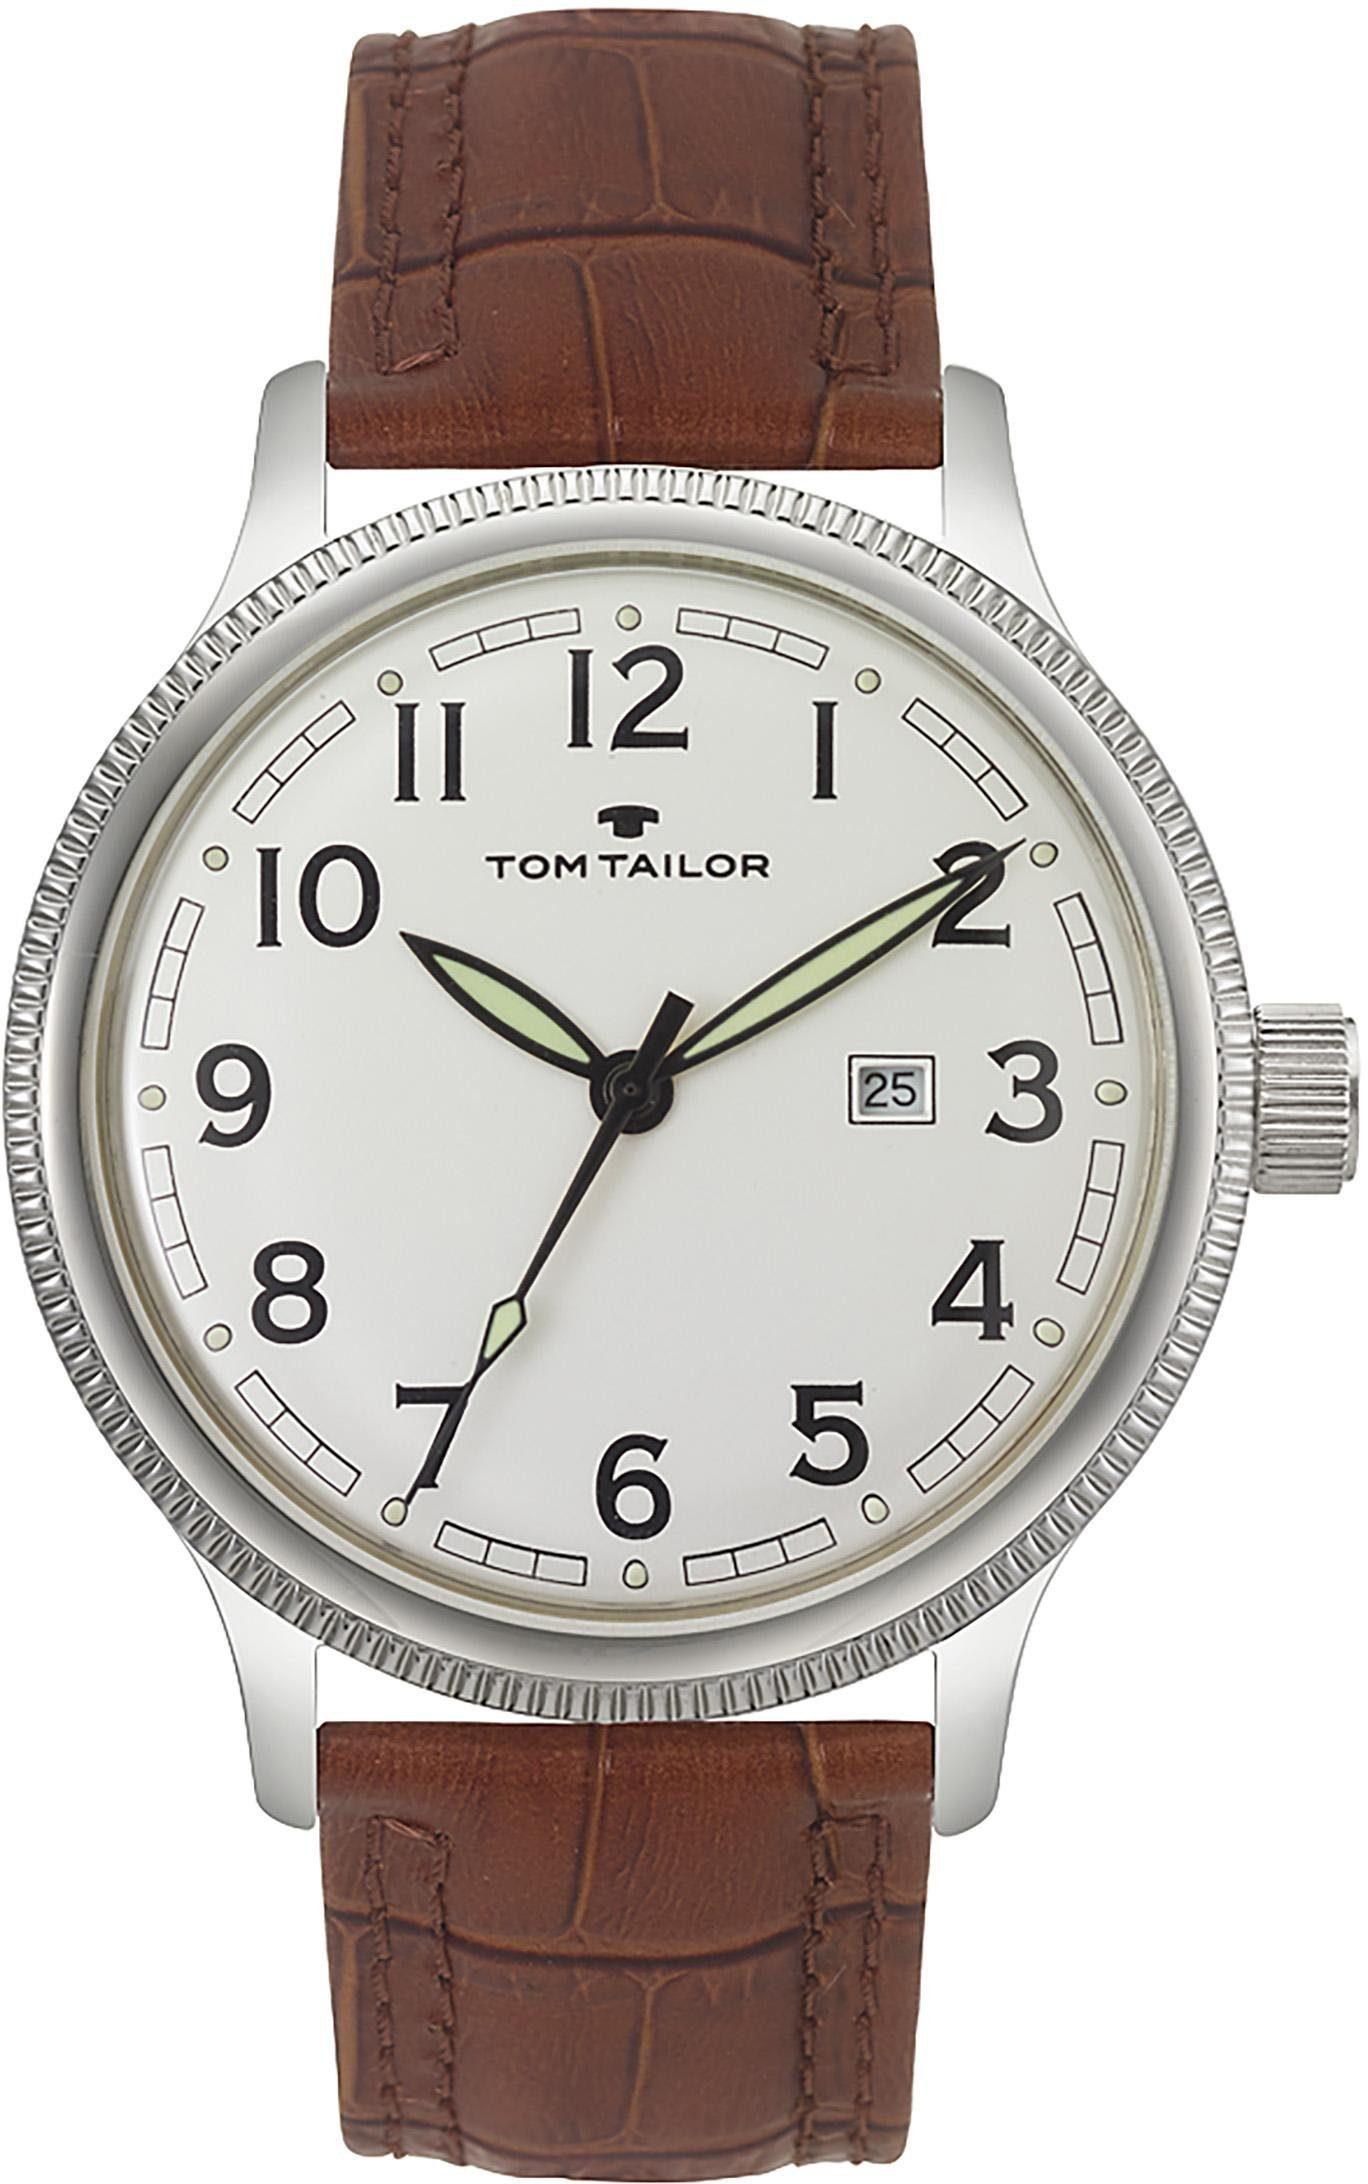 Tom Tailor Quarzuhr »5415203«